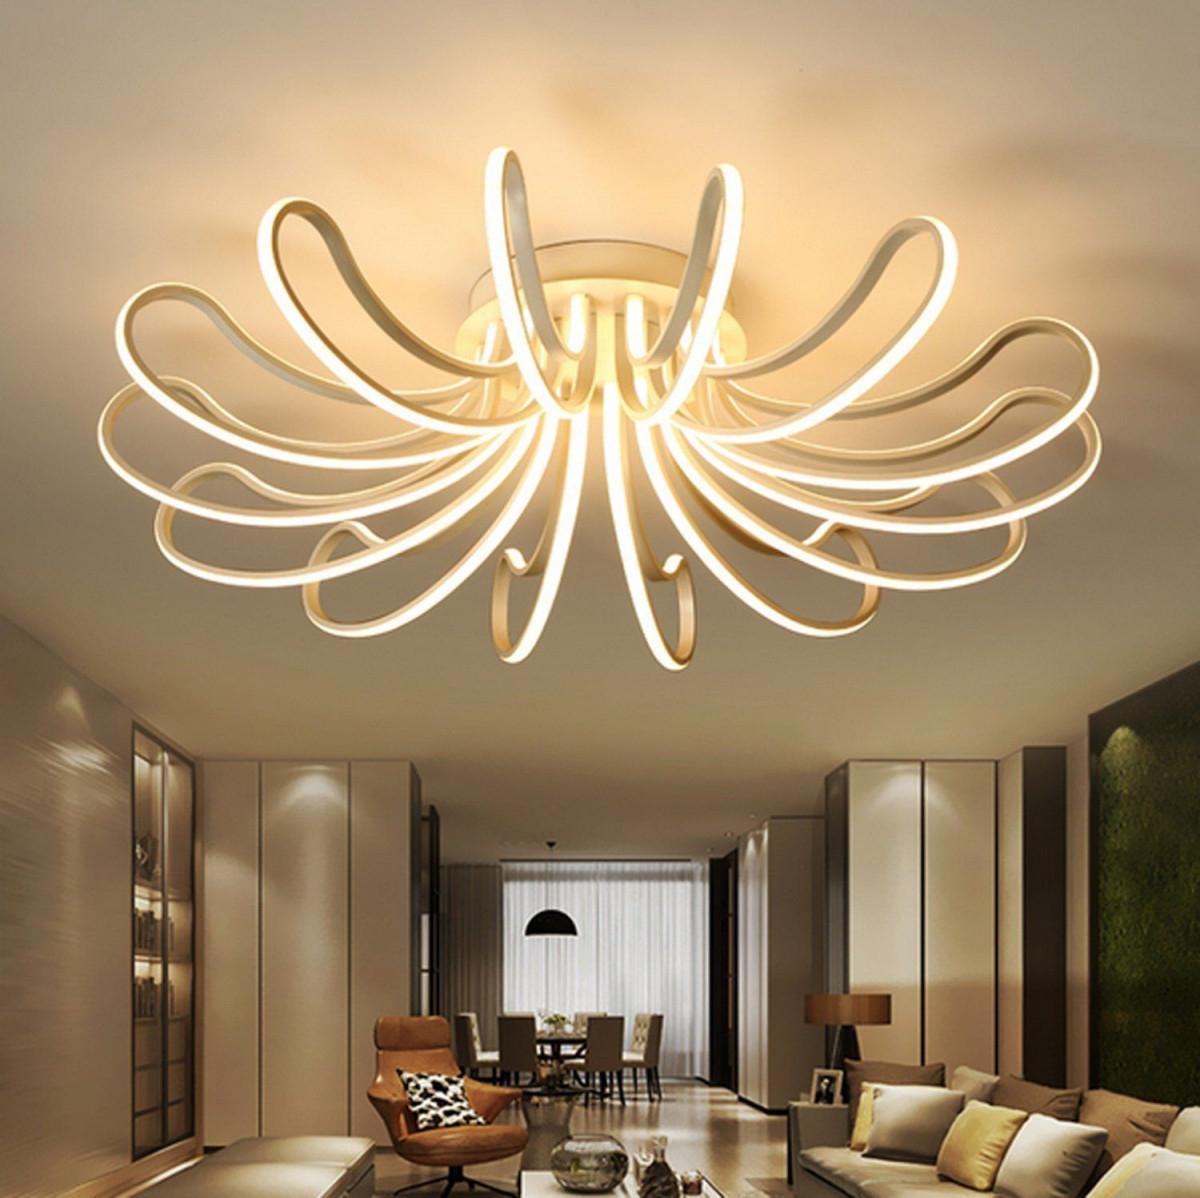 Waineg Designer Moderne Leddeckenleuchten Wohnzimmer von Moderne Wohnzimmer Lampe Photo